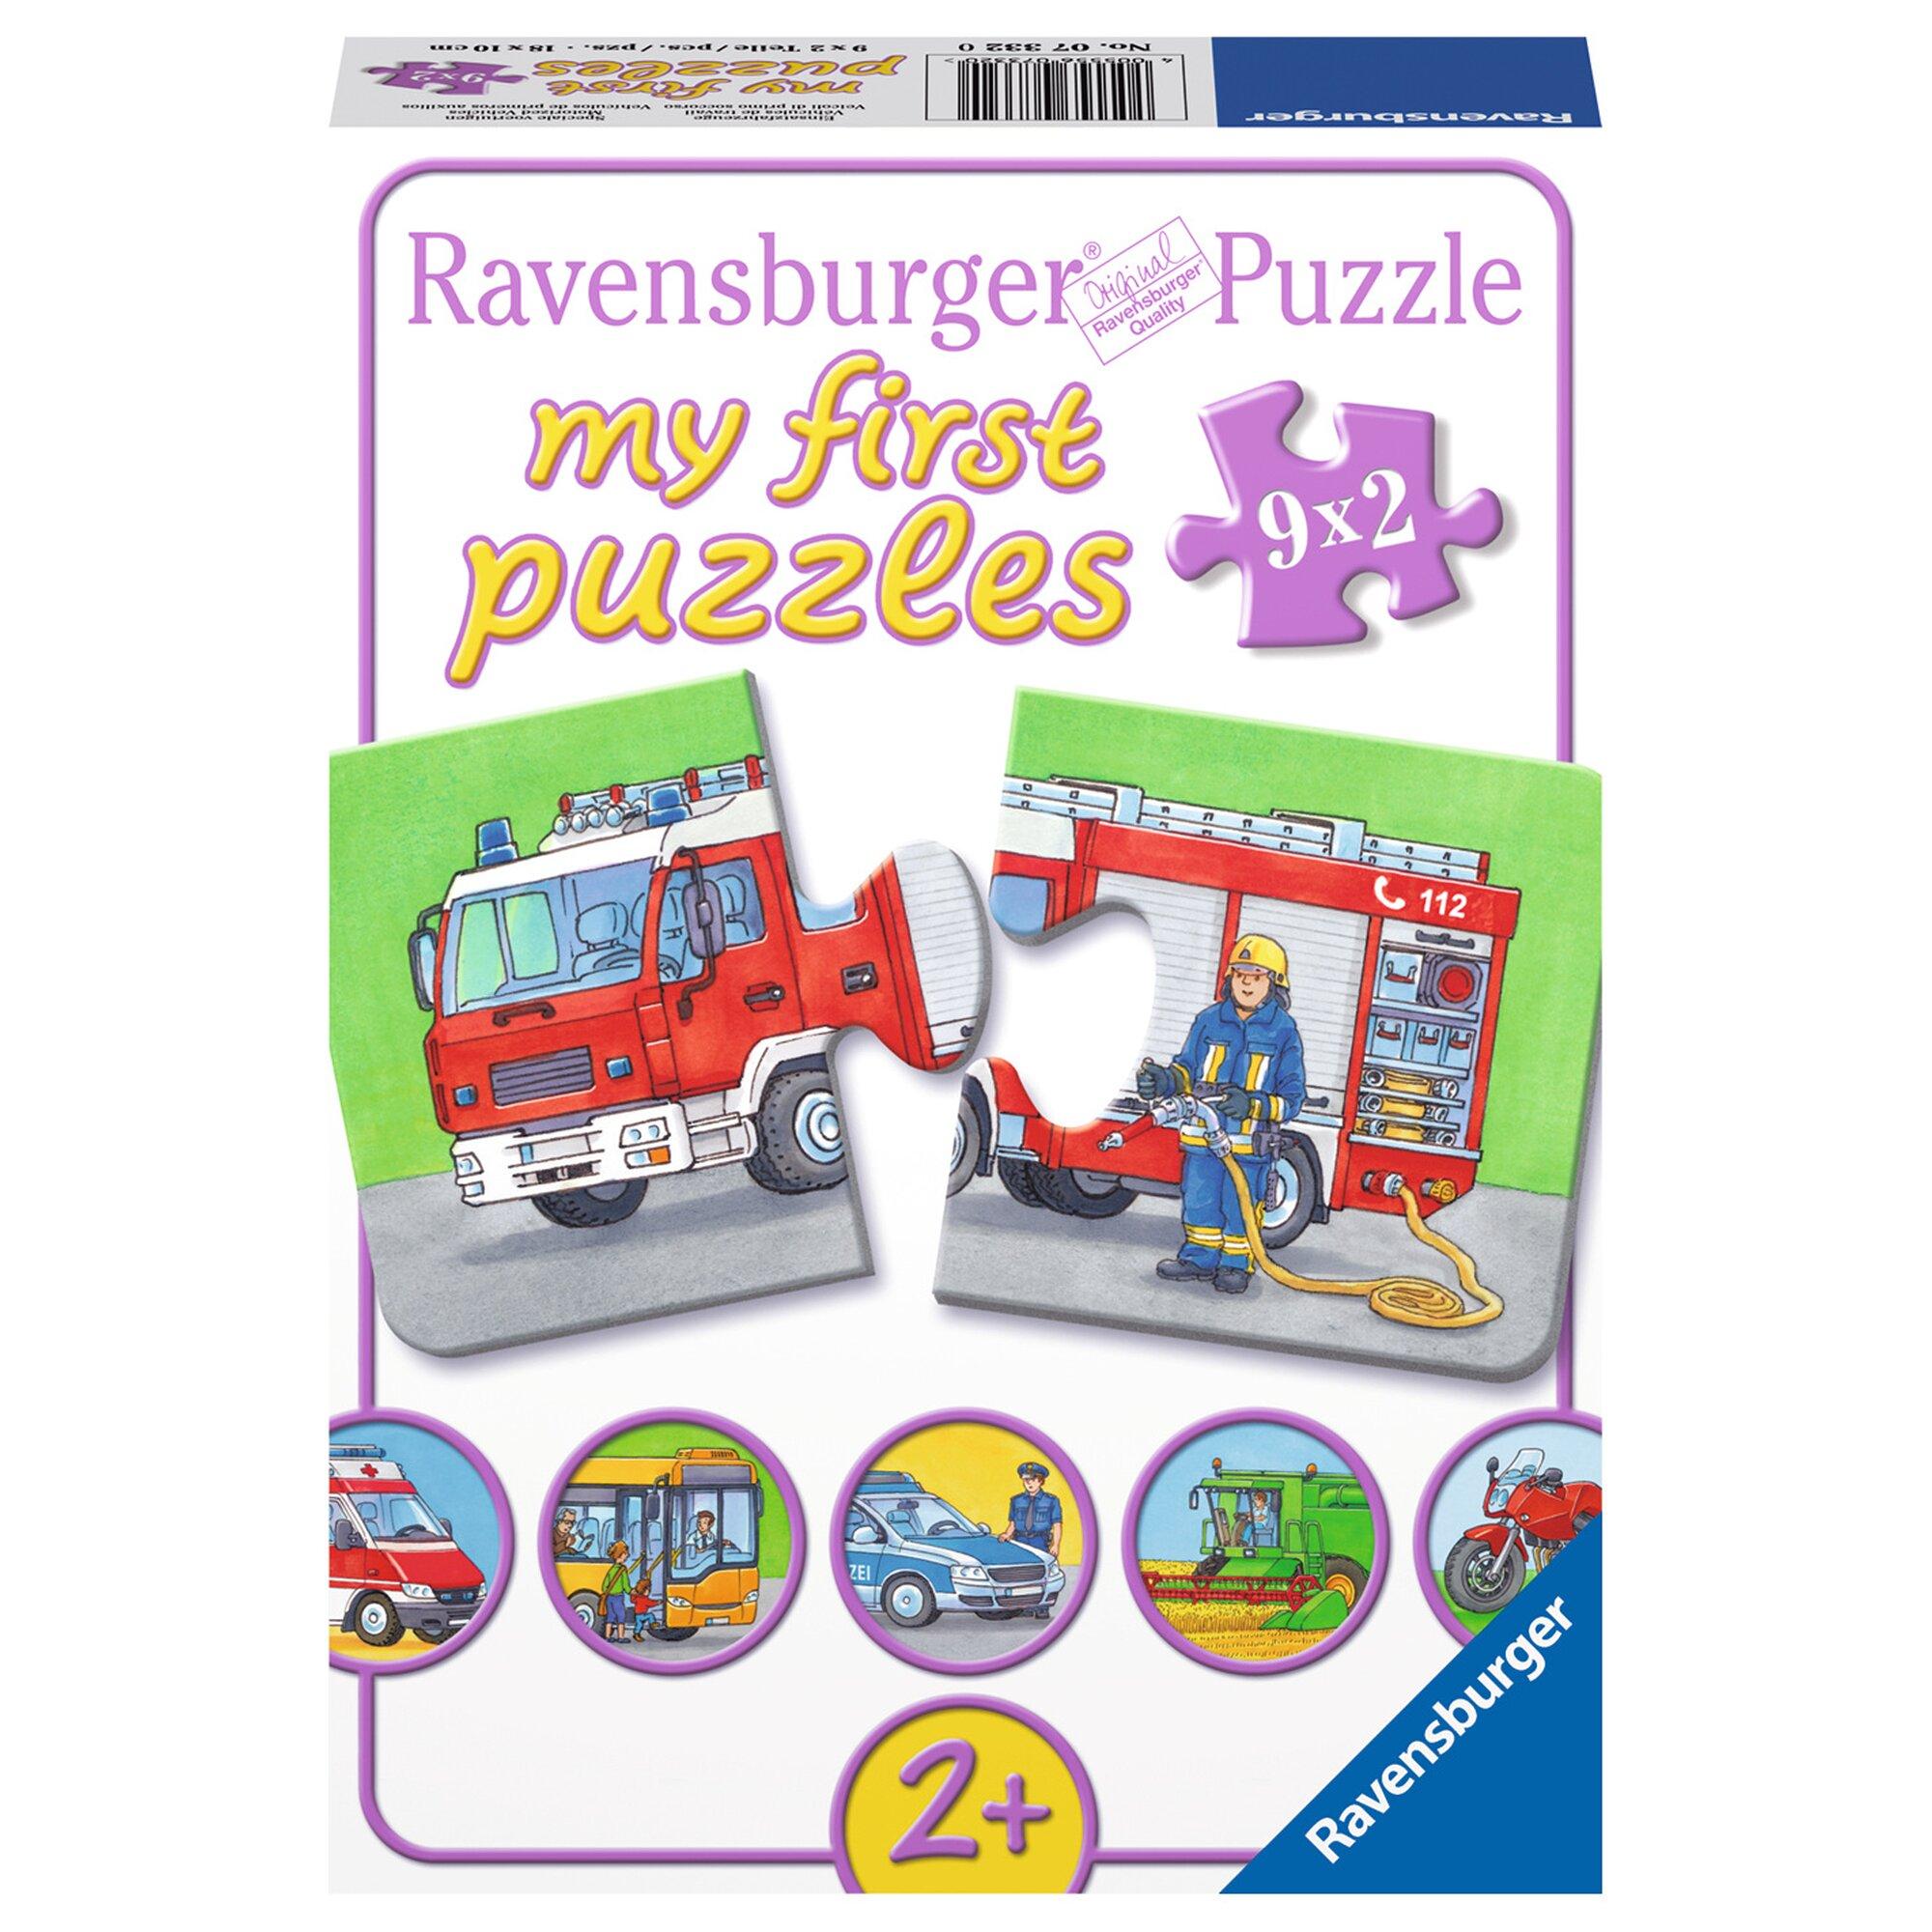 Ravensburger my first puzzles 9x2 2 Teile, Einsatzfahrzeuge